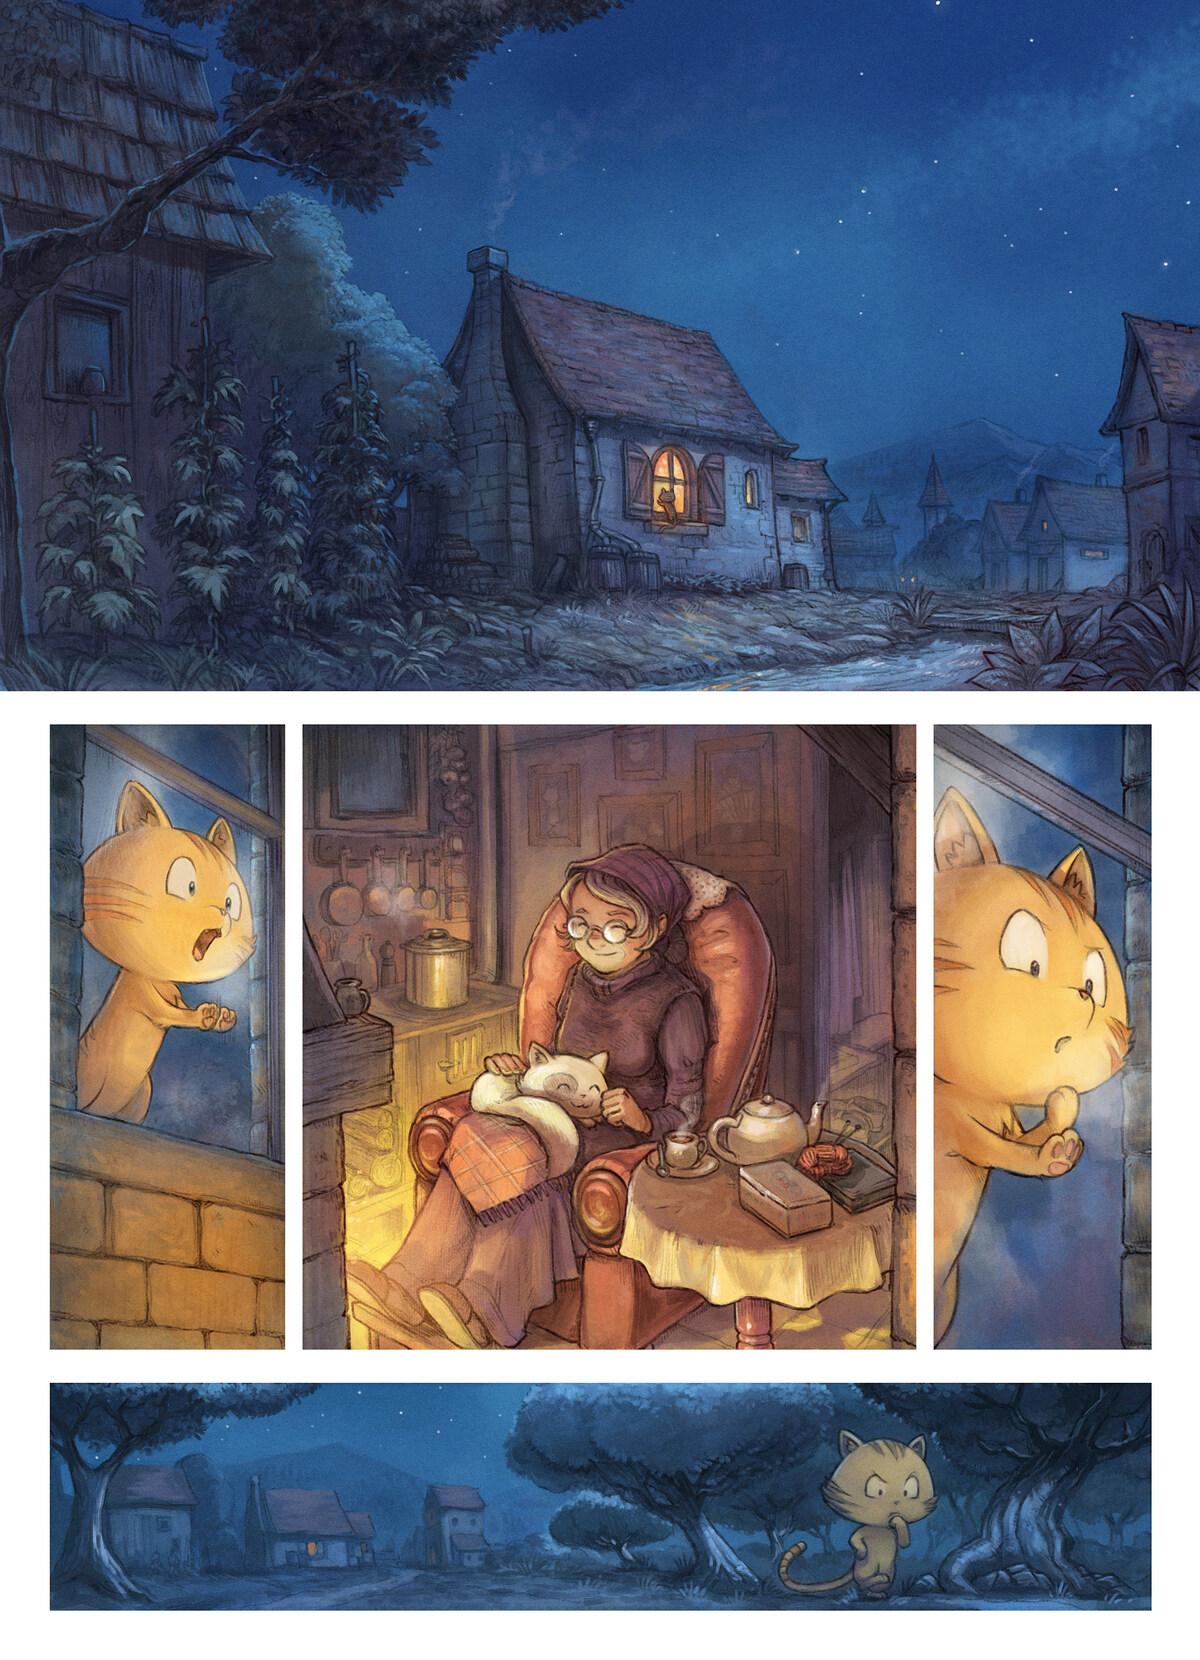 Episode 30: Brug for et kram, Page 1